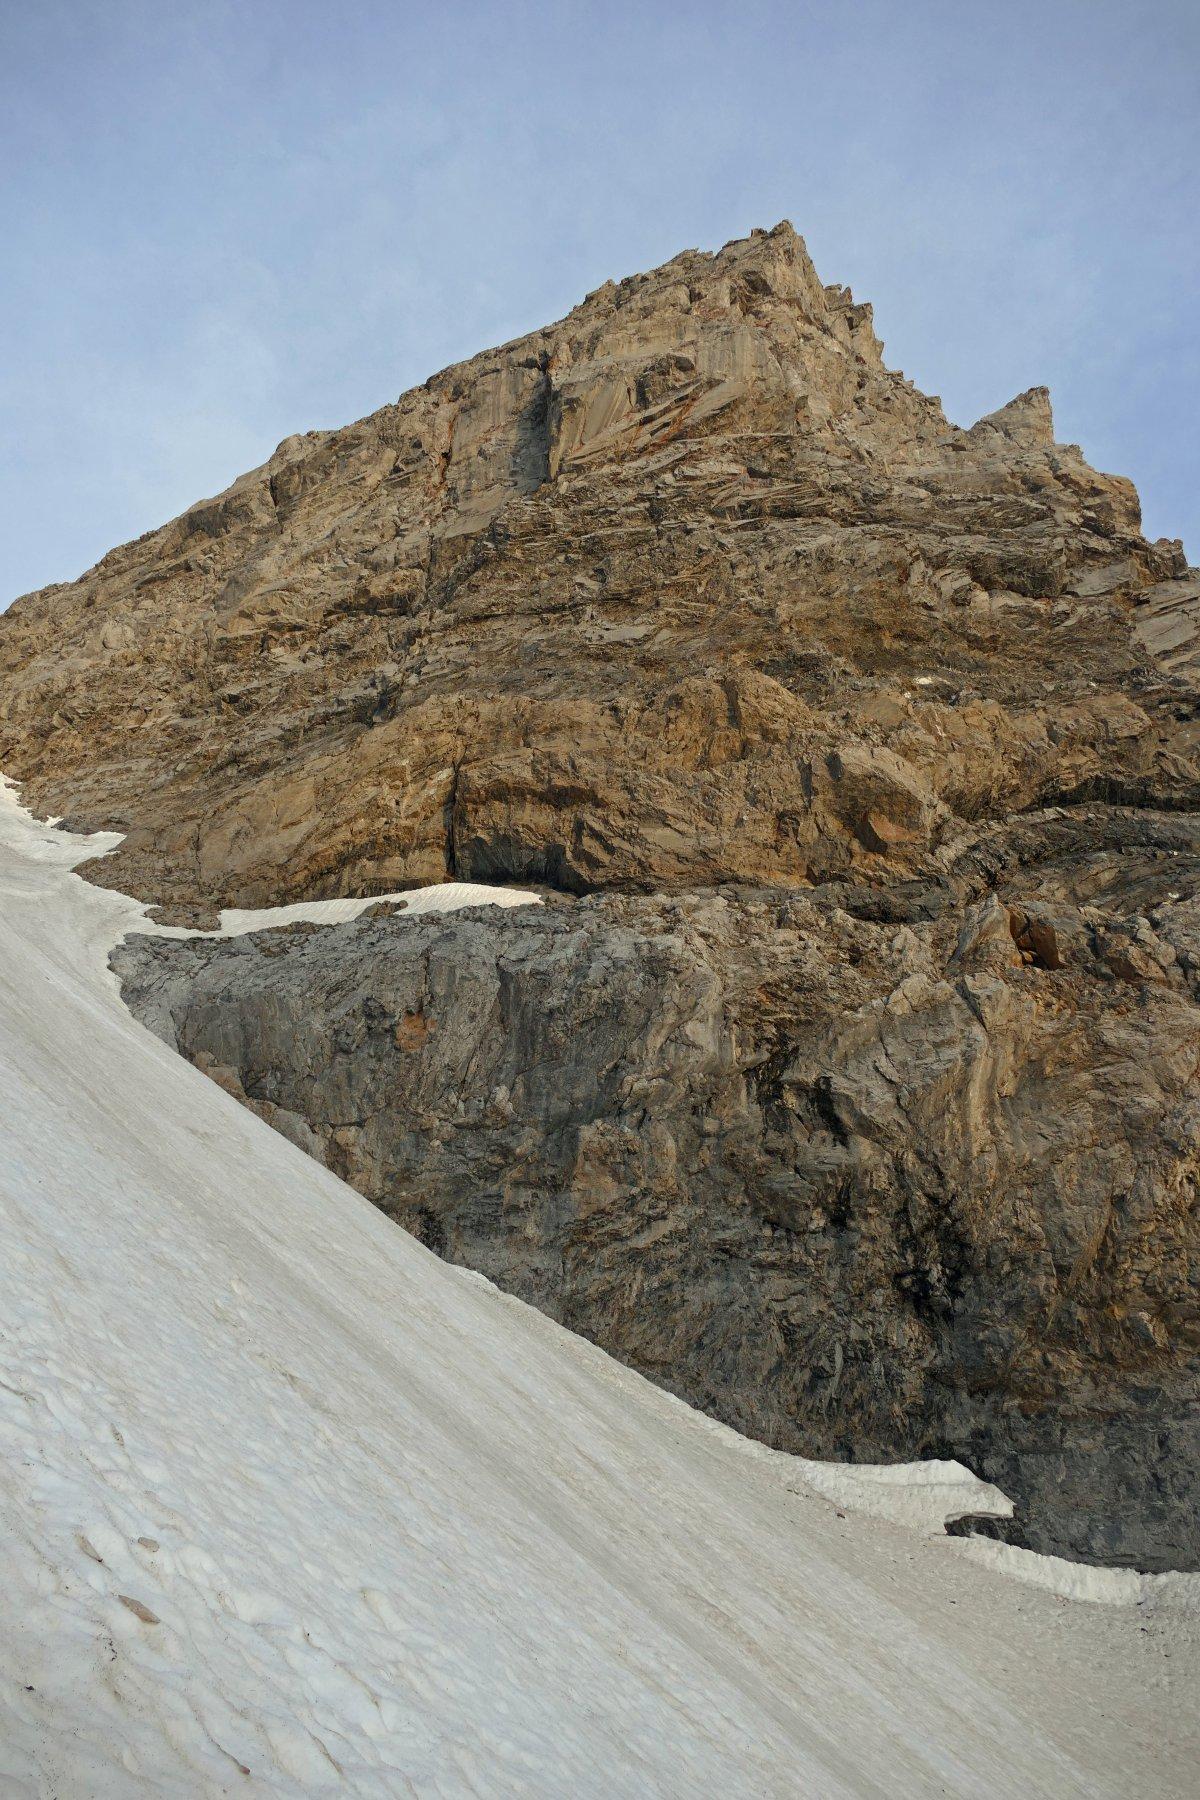 Punta Tino Prato dalla parte centrale del canalone